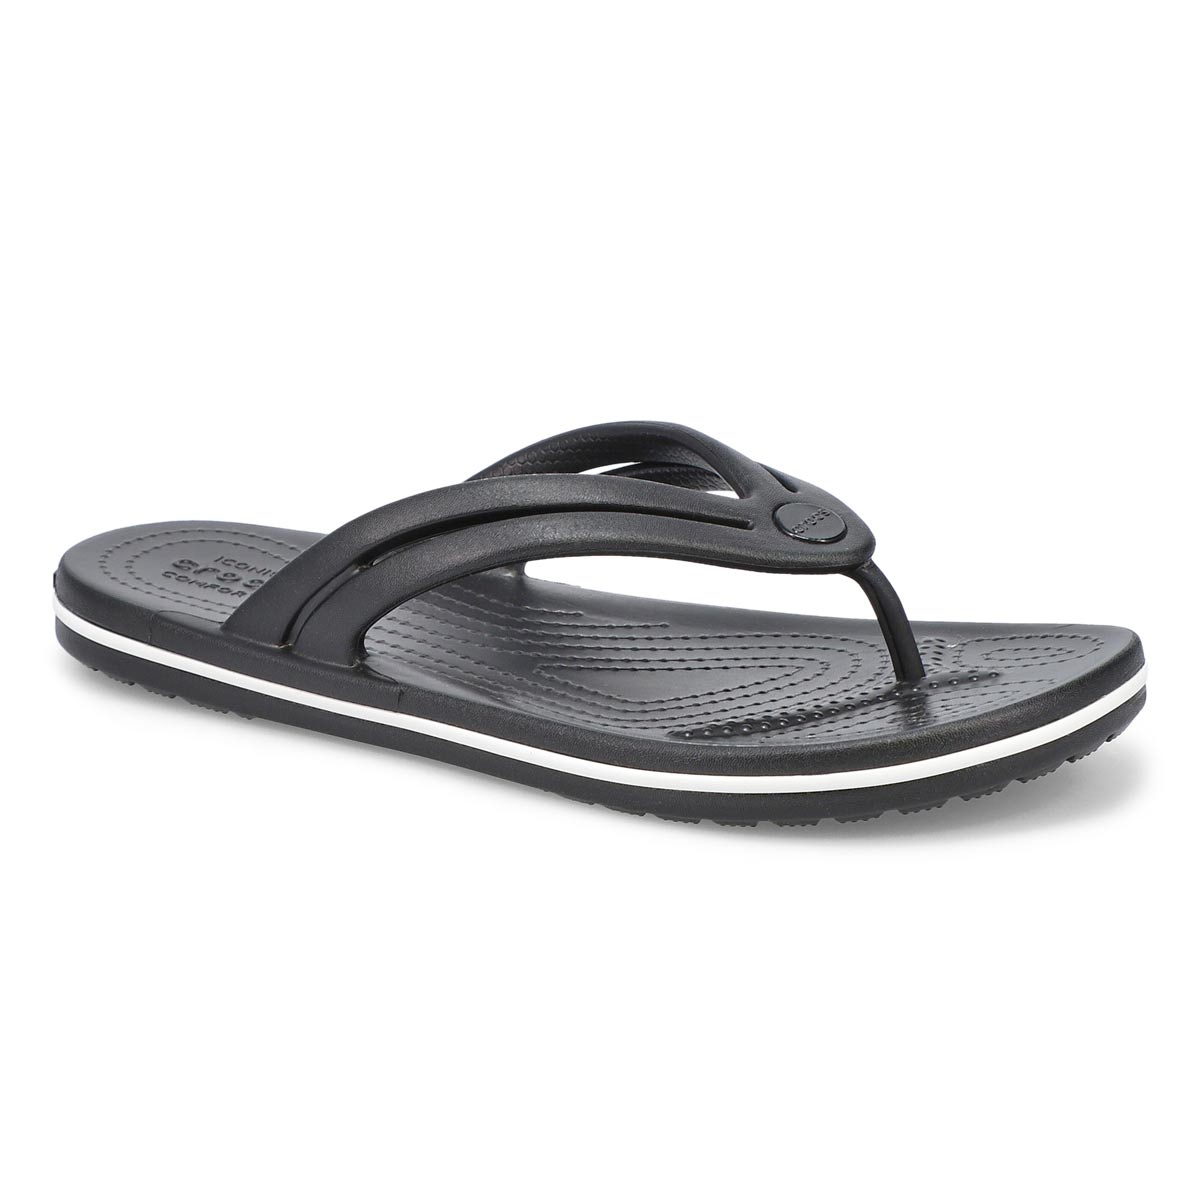 Women's Crocband Flip Sandal - Black